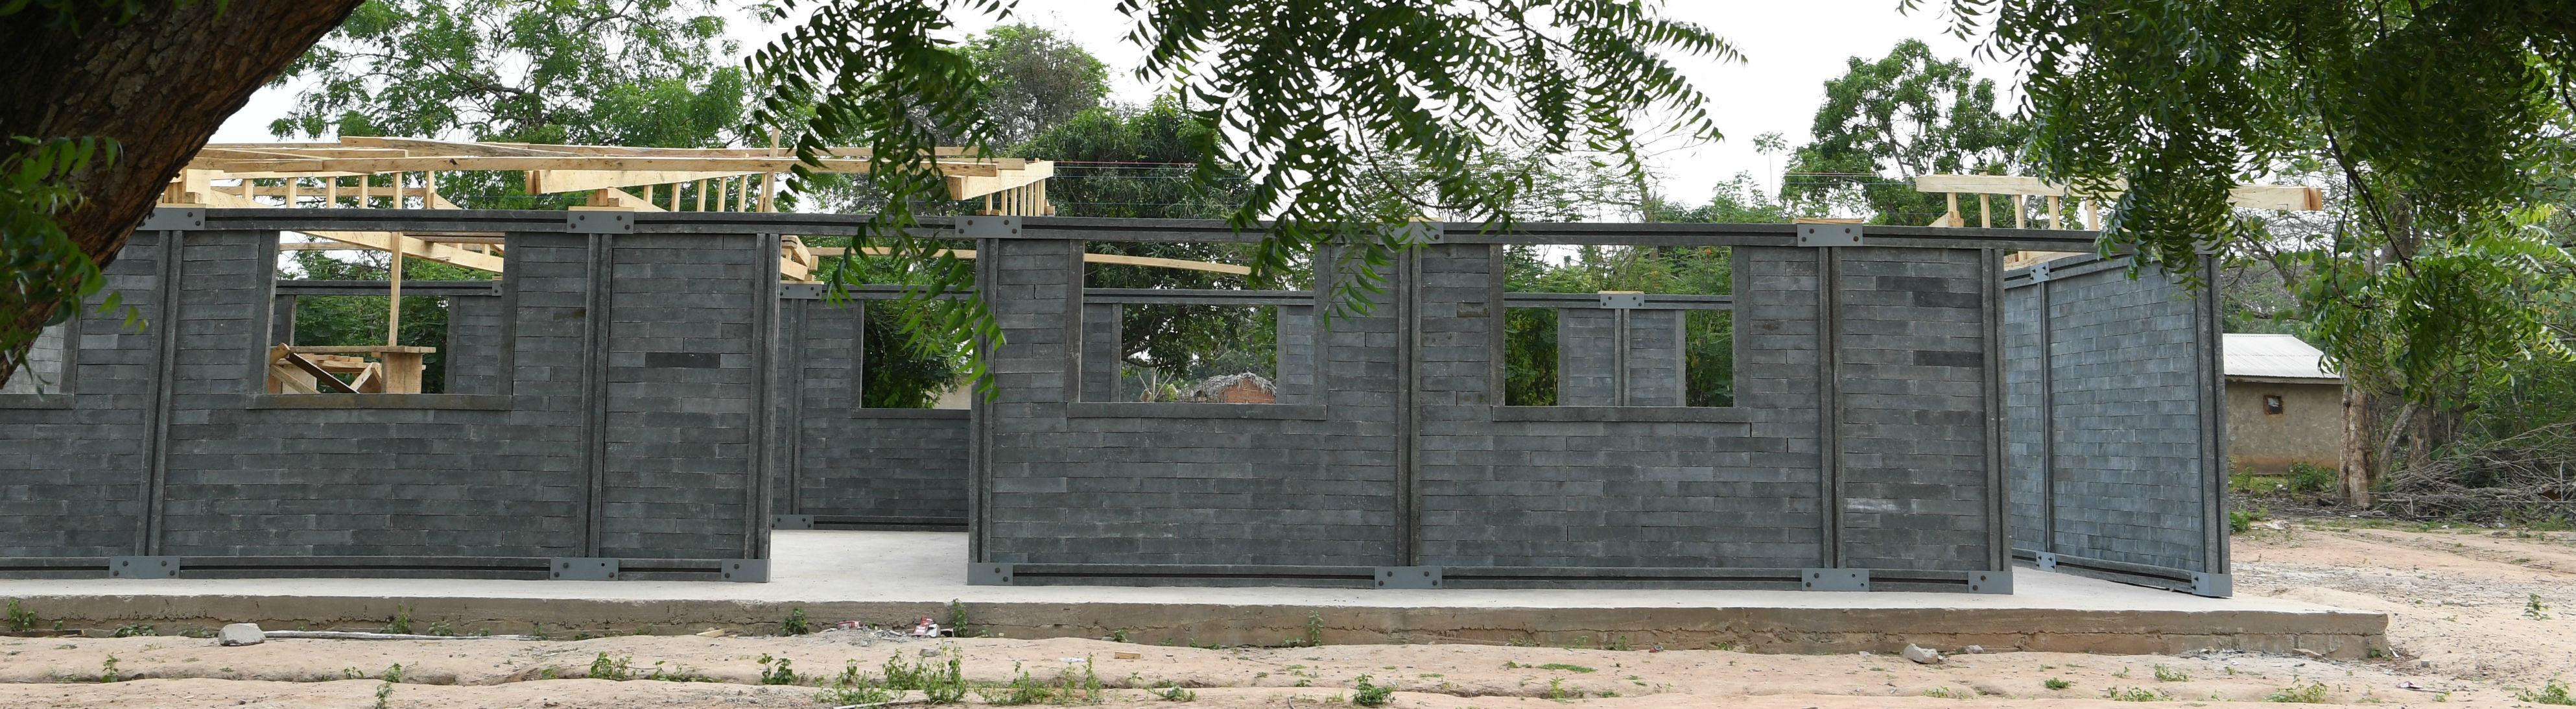 Häuser aus Plastik-Bausteinen gebaut.